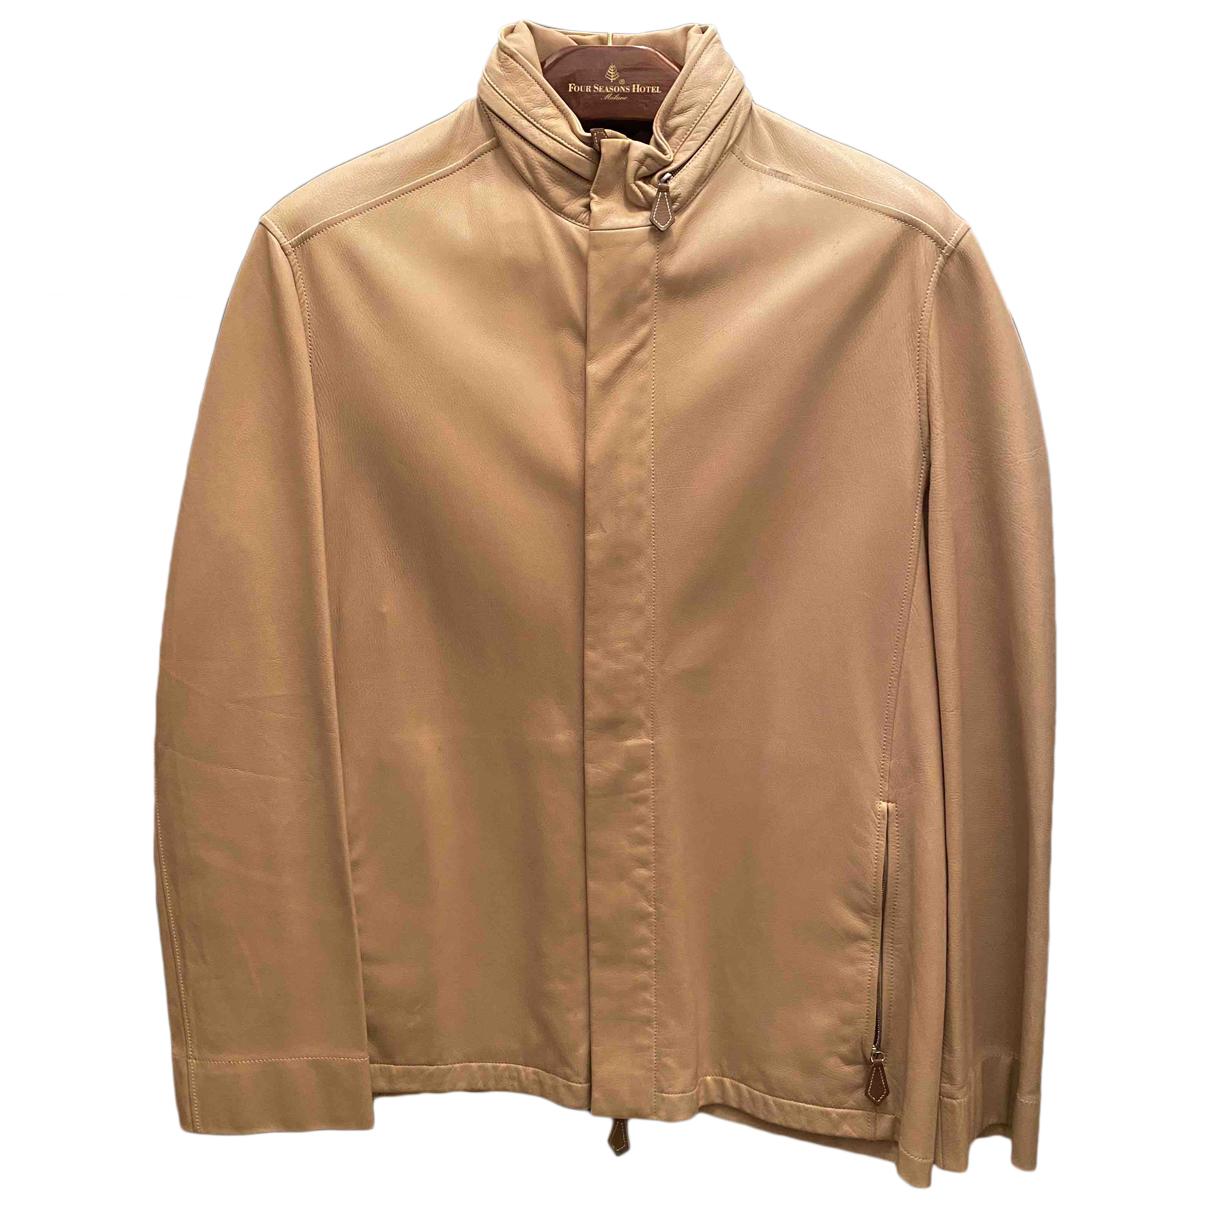 Hermes - Vestes.Blousons   pour homme en cuir - beige